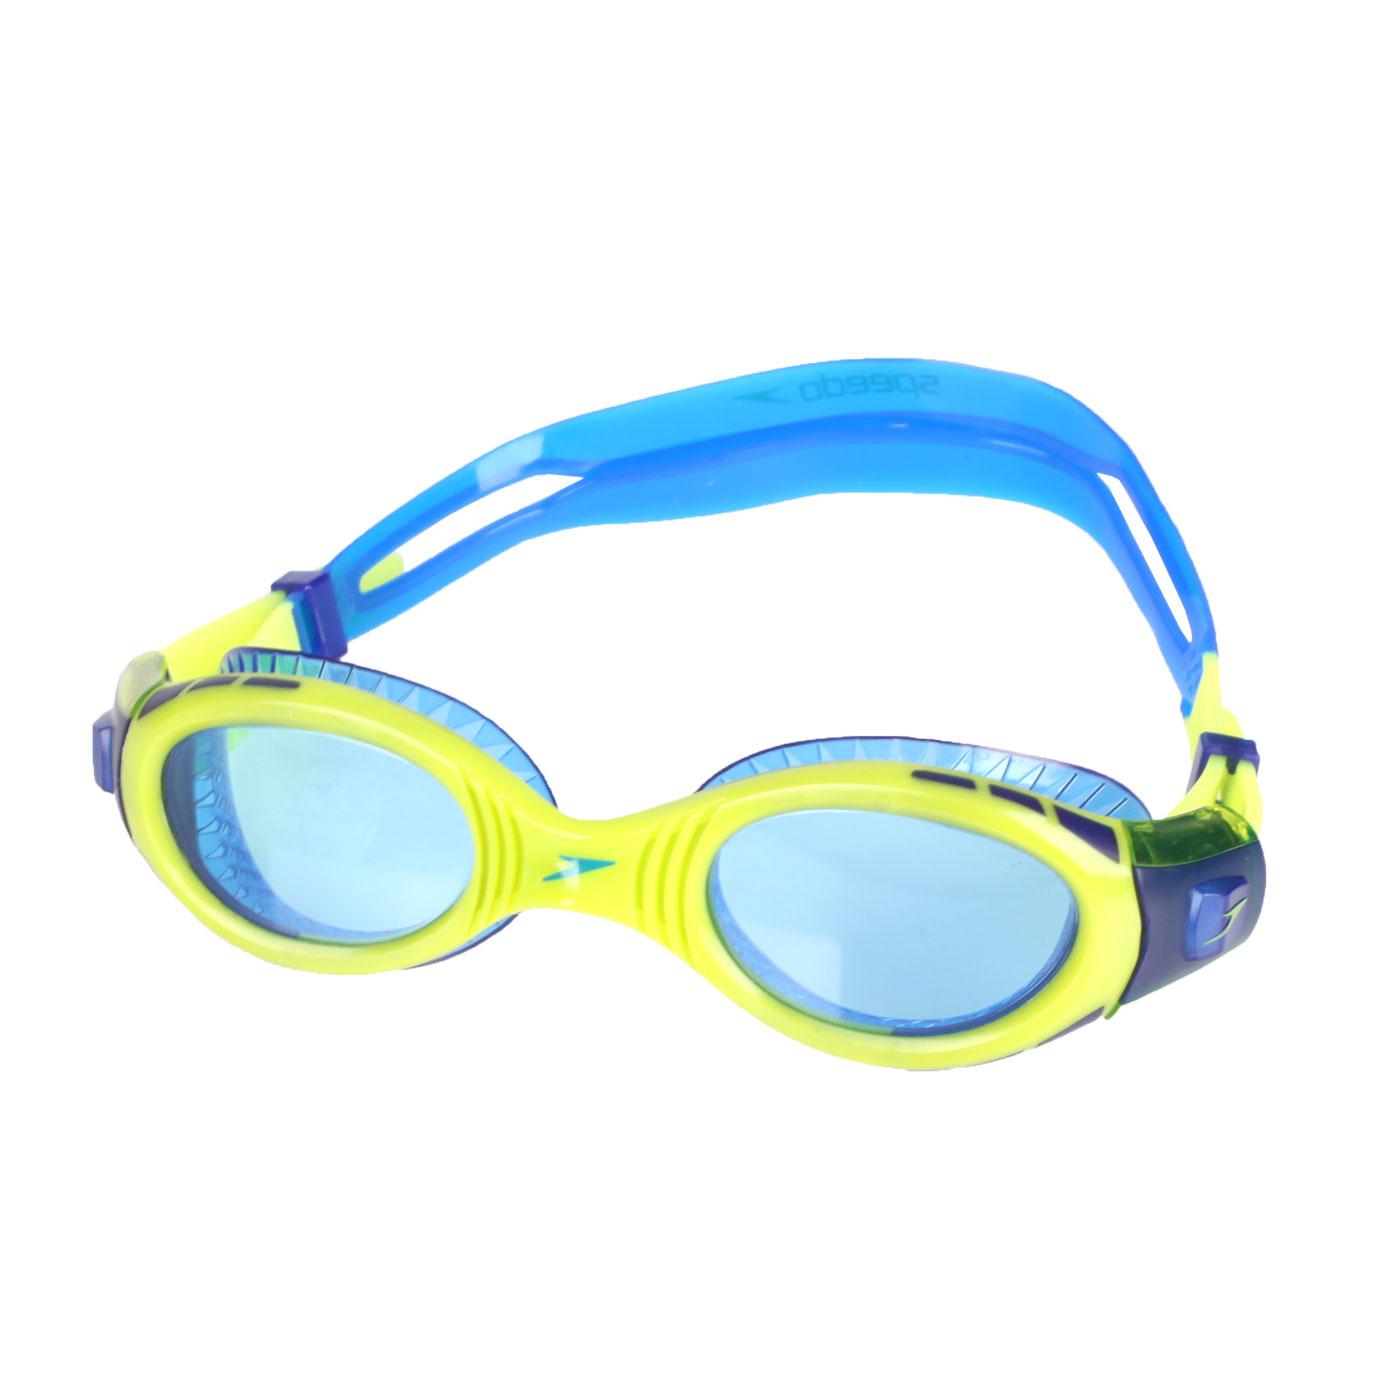 SPEEDO 兒童運動泳鏡 SD811595C585N - 萊姆綠藍